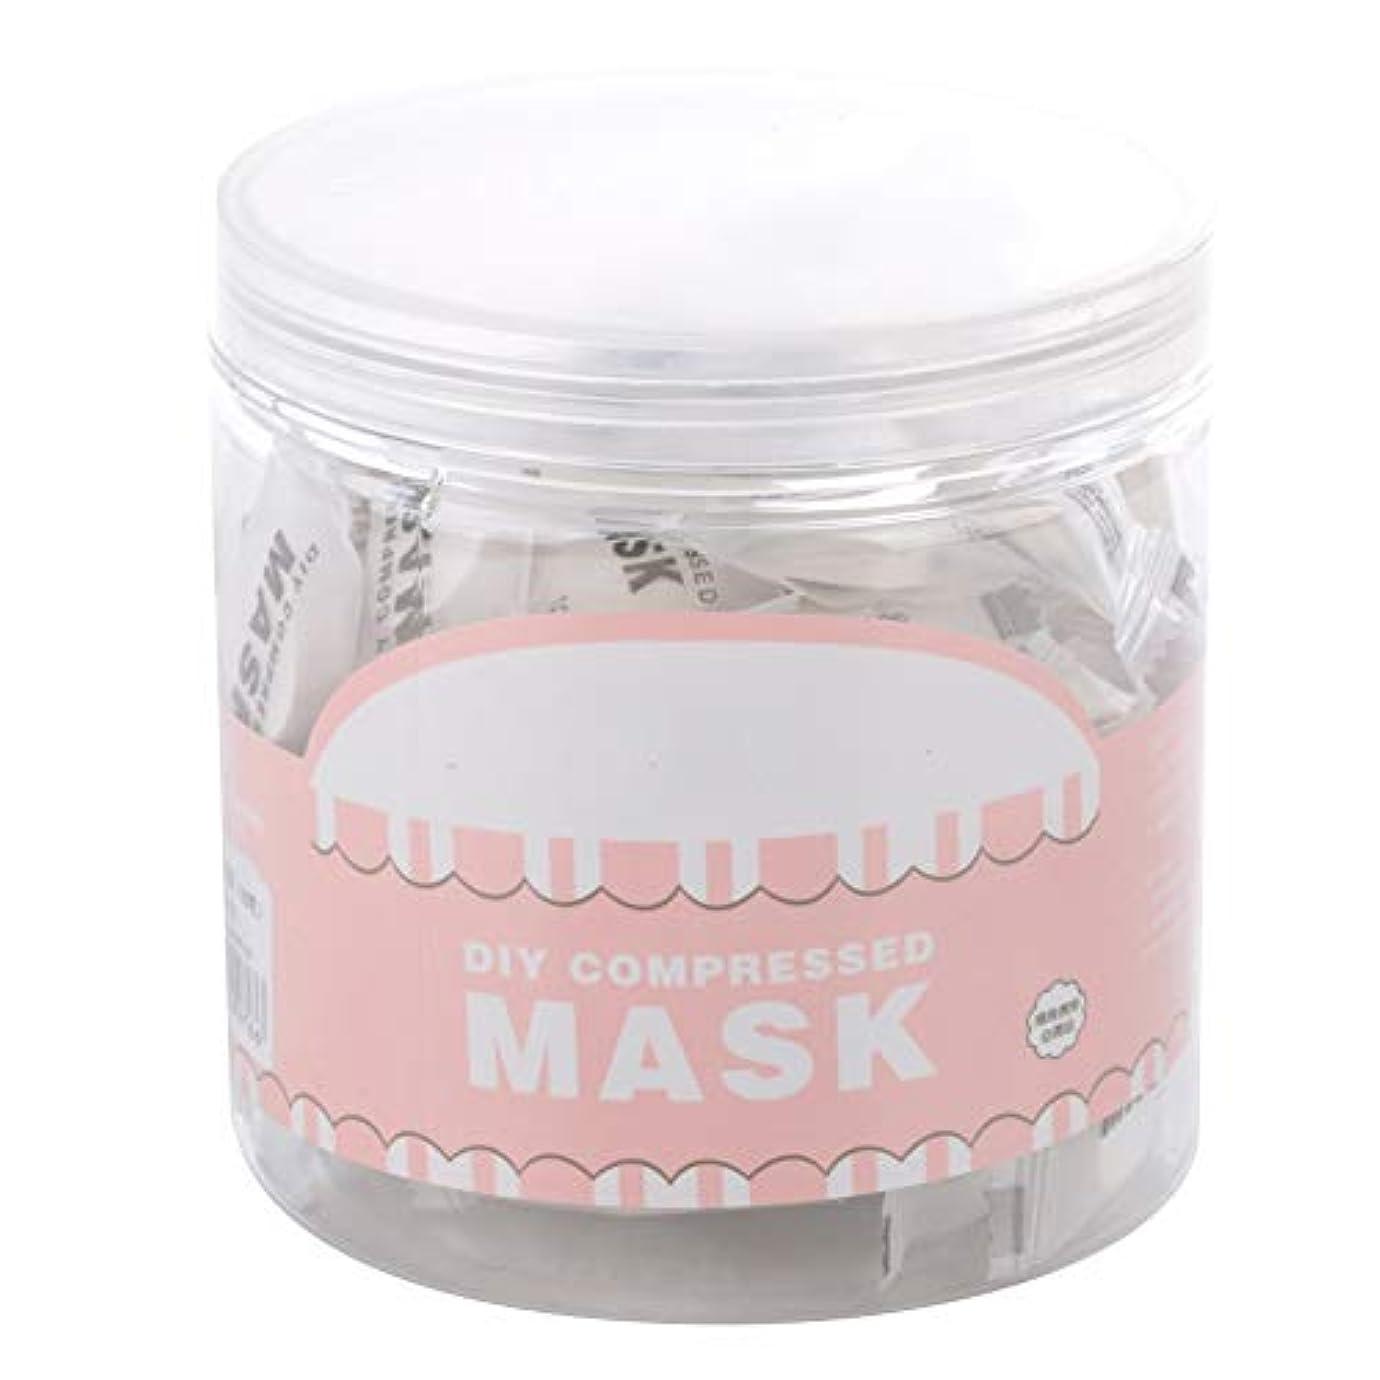 液体フルーツ赤面圧縮マスク、圧縮美容マスク、日曜大工コットンマスク、高保湿、個別包装、60枚